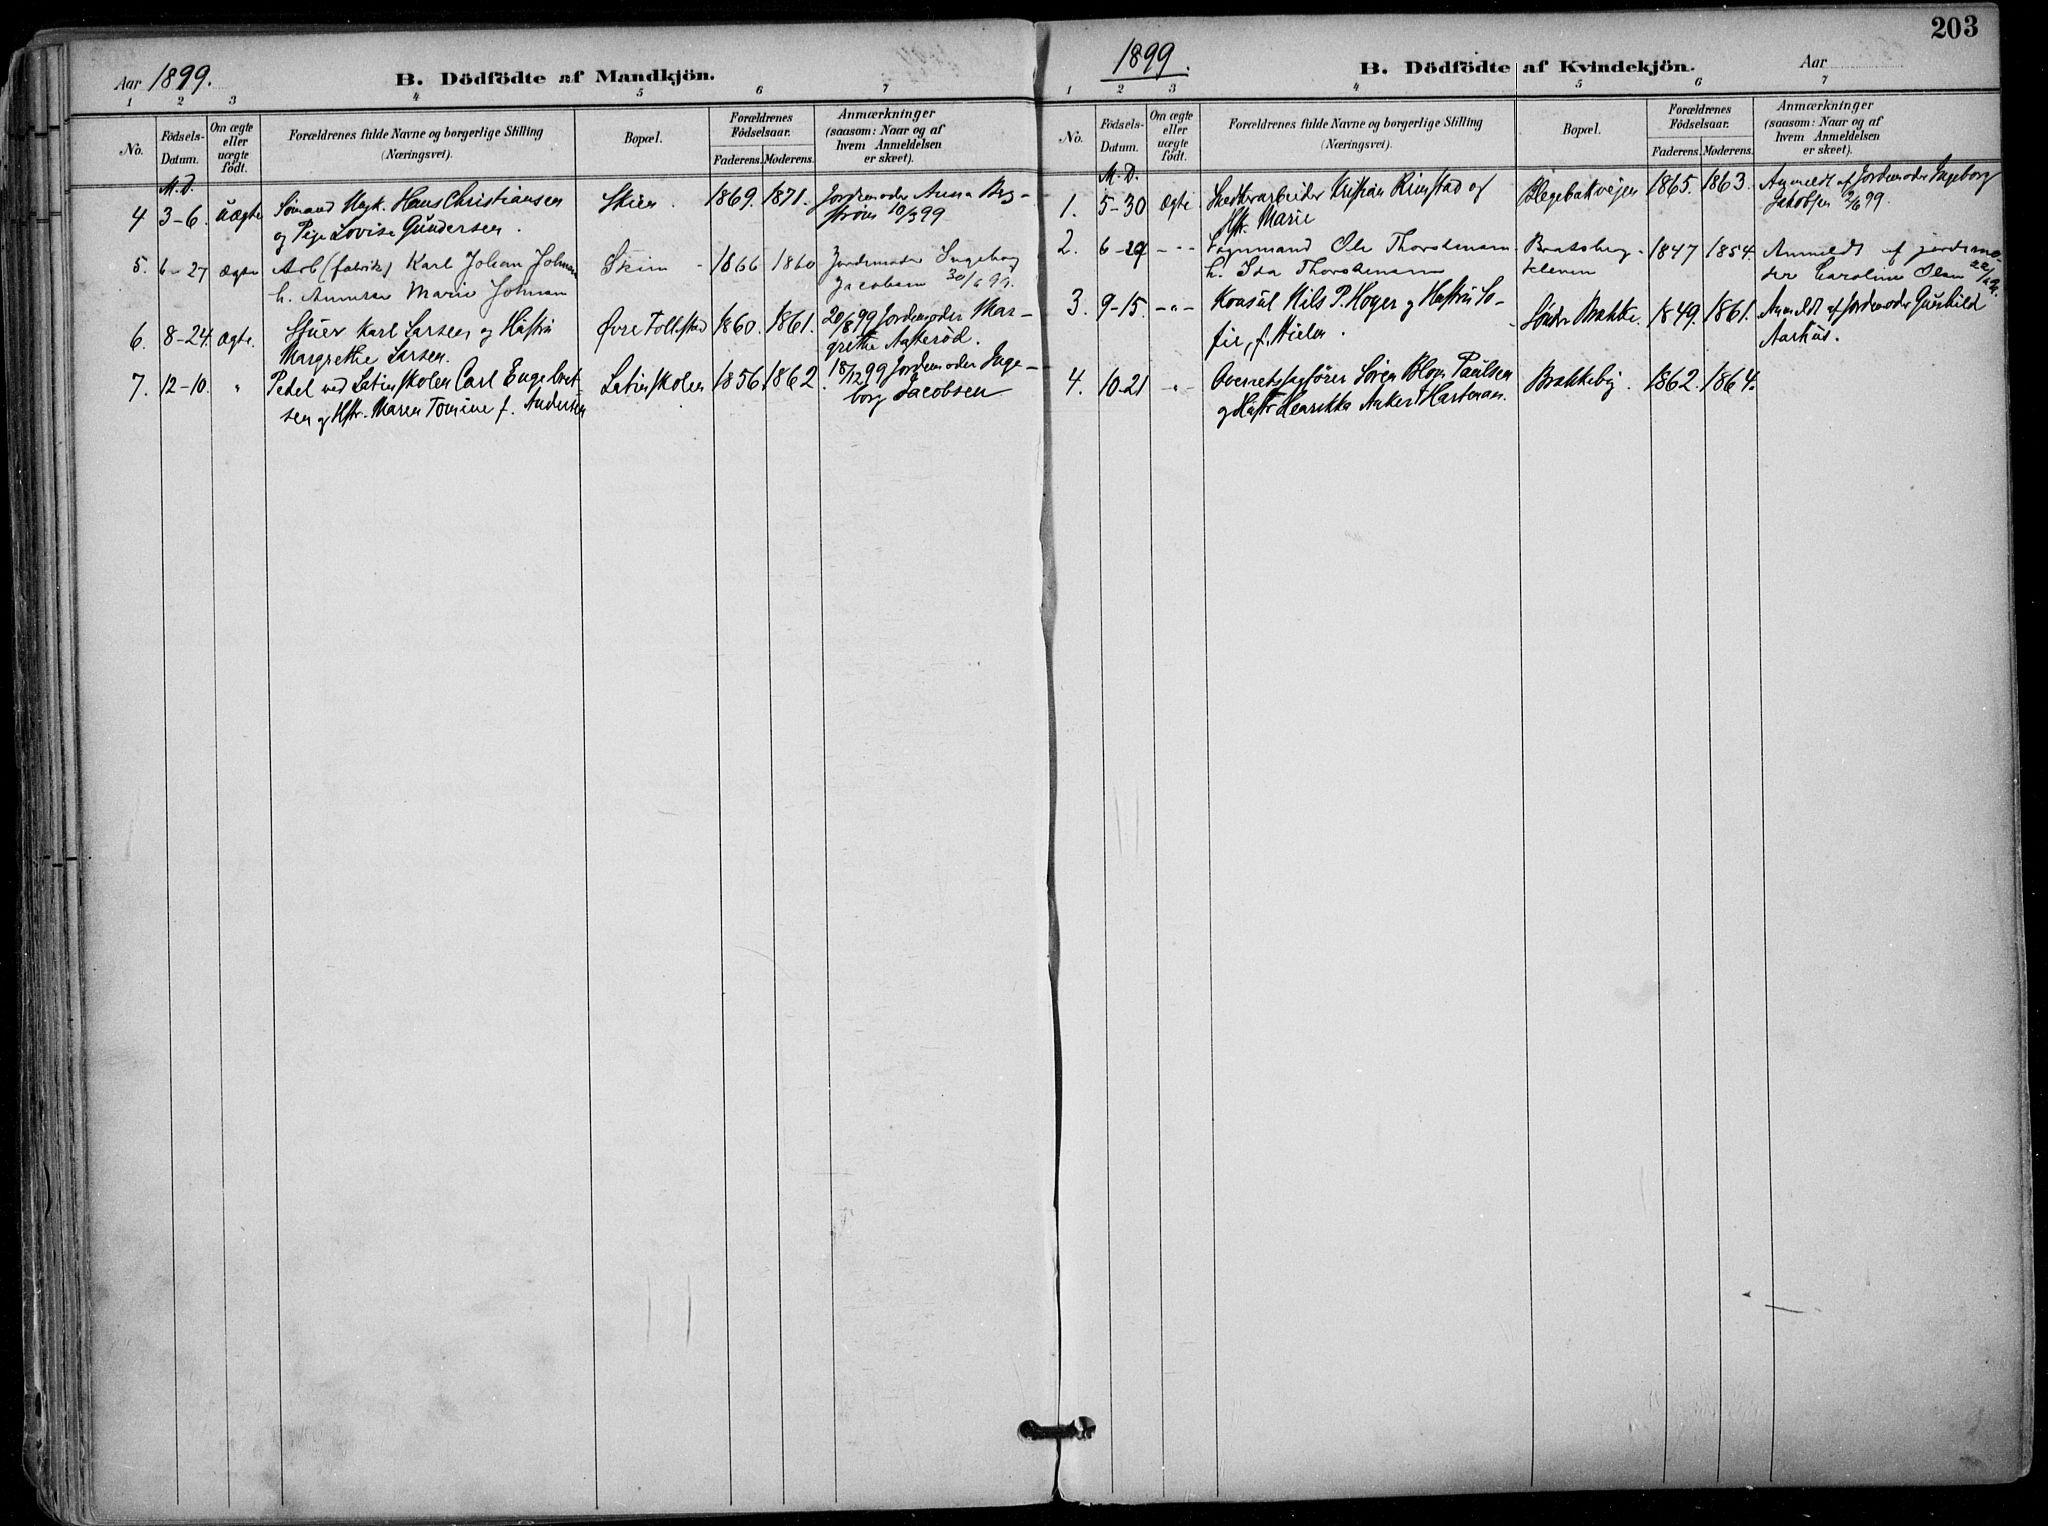 SAKO, Skien kirkebøker, F/Fa/L0010: Ministerialbok nr. 10, 1891-1899, s. 203